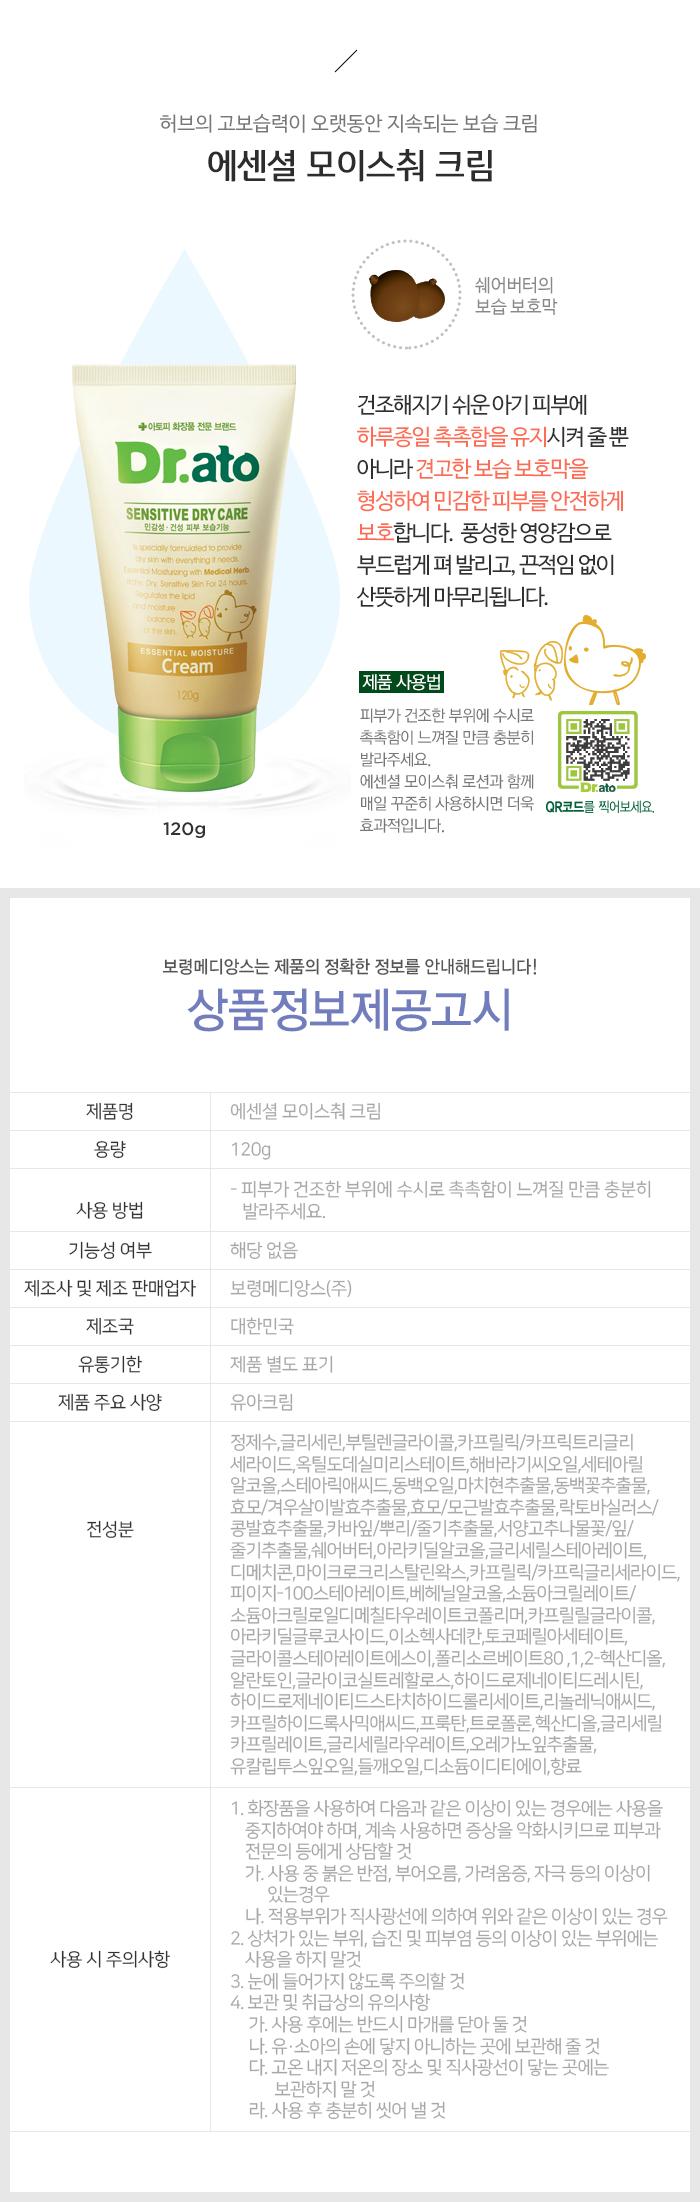 닥터아토 에센셜 모이스춰 크림120g - 인더마켓, 14,500원, 스킨케어, 크림/기저귀발진크림